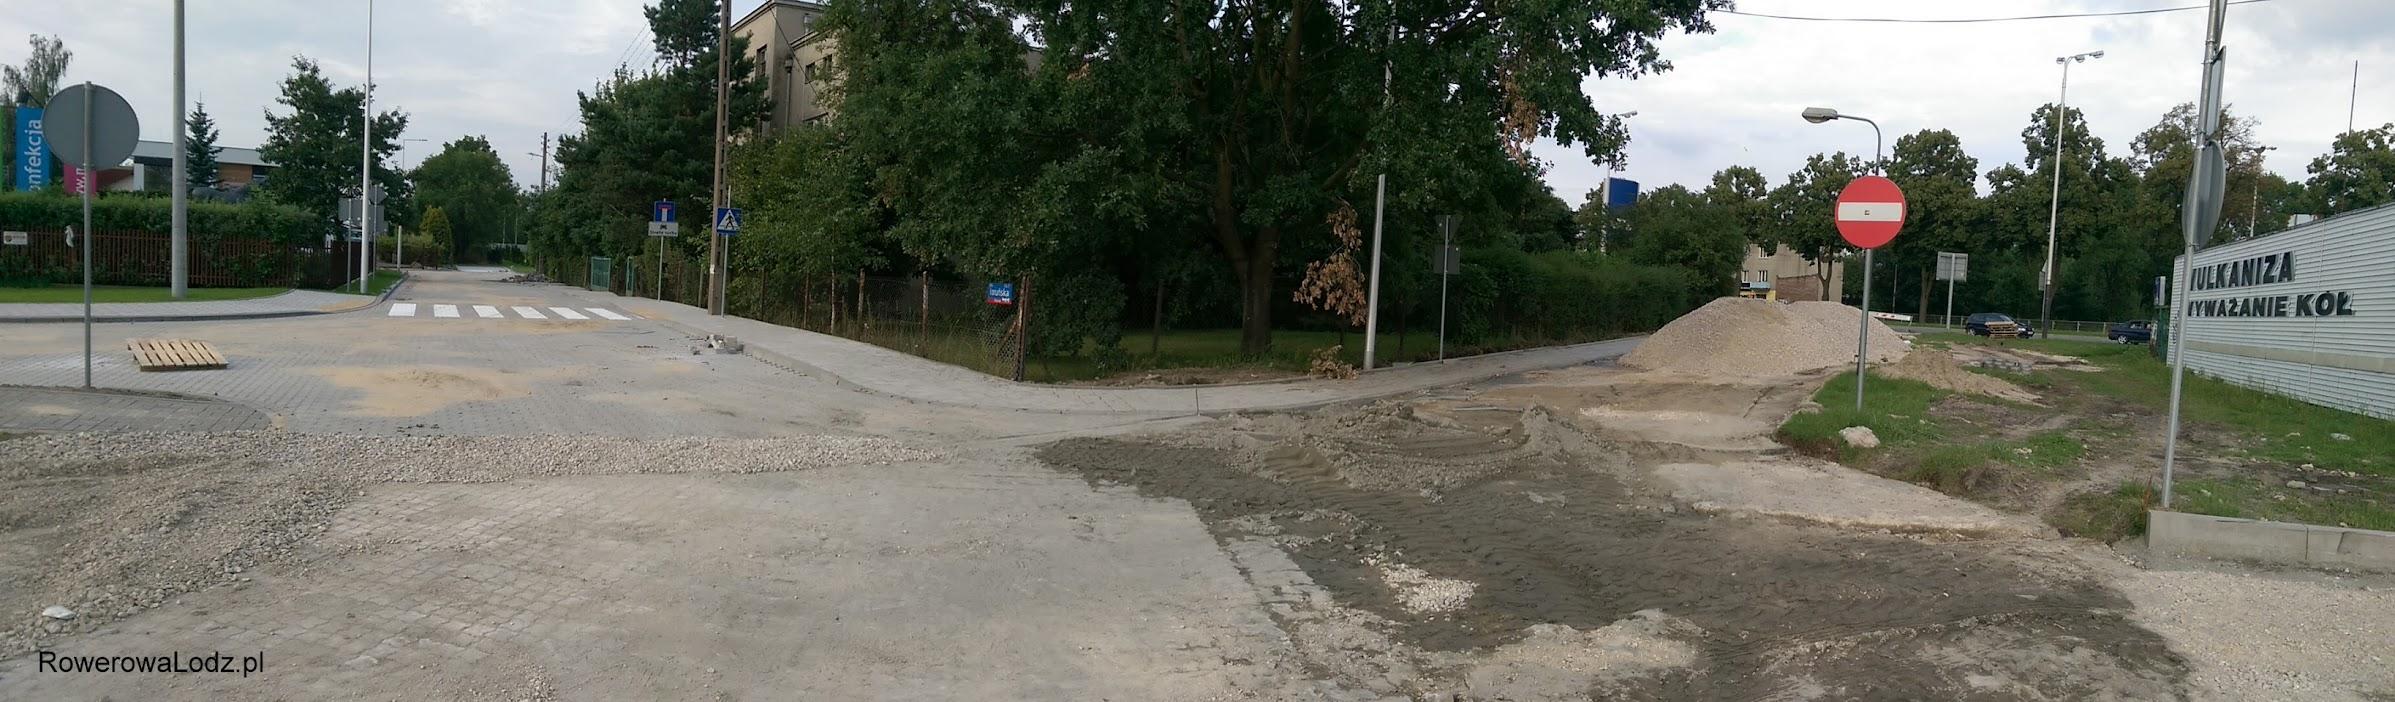 Przy ulicy Toruńskiej widać postęp prac na ulicy, nie zaś przy drodze dla rowerów